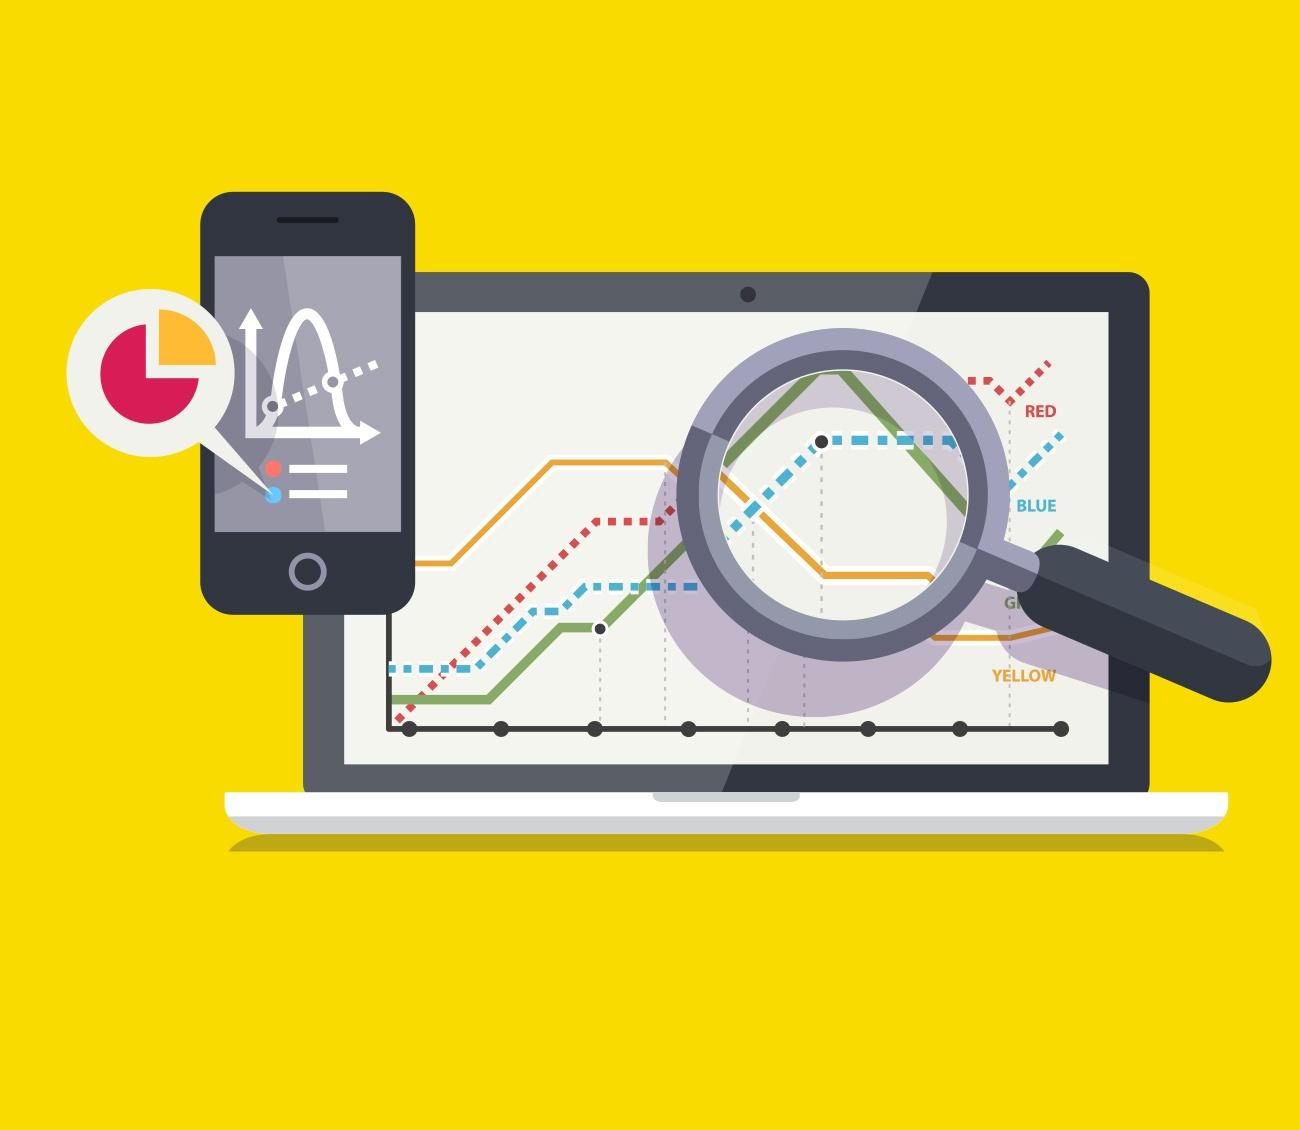 Gestire un sito e-commerce: 4 KPI per misurare le performance